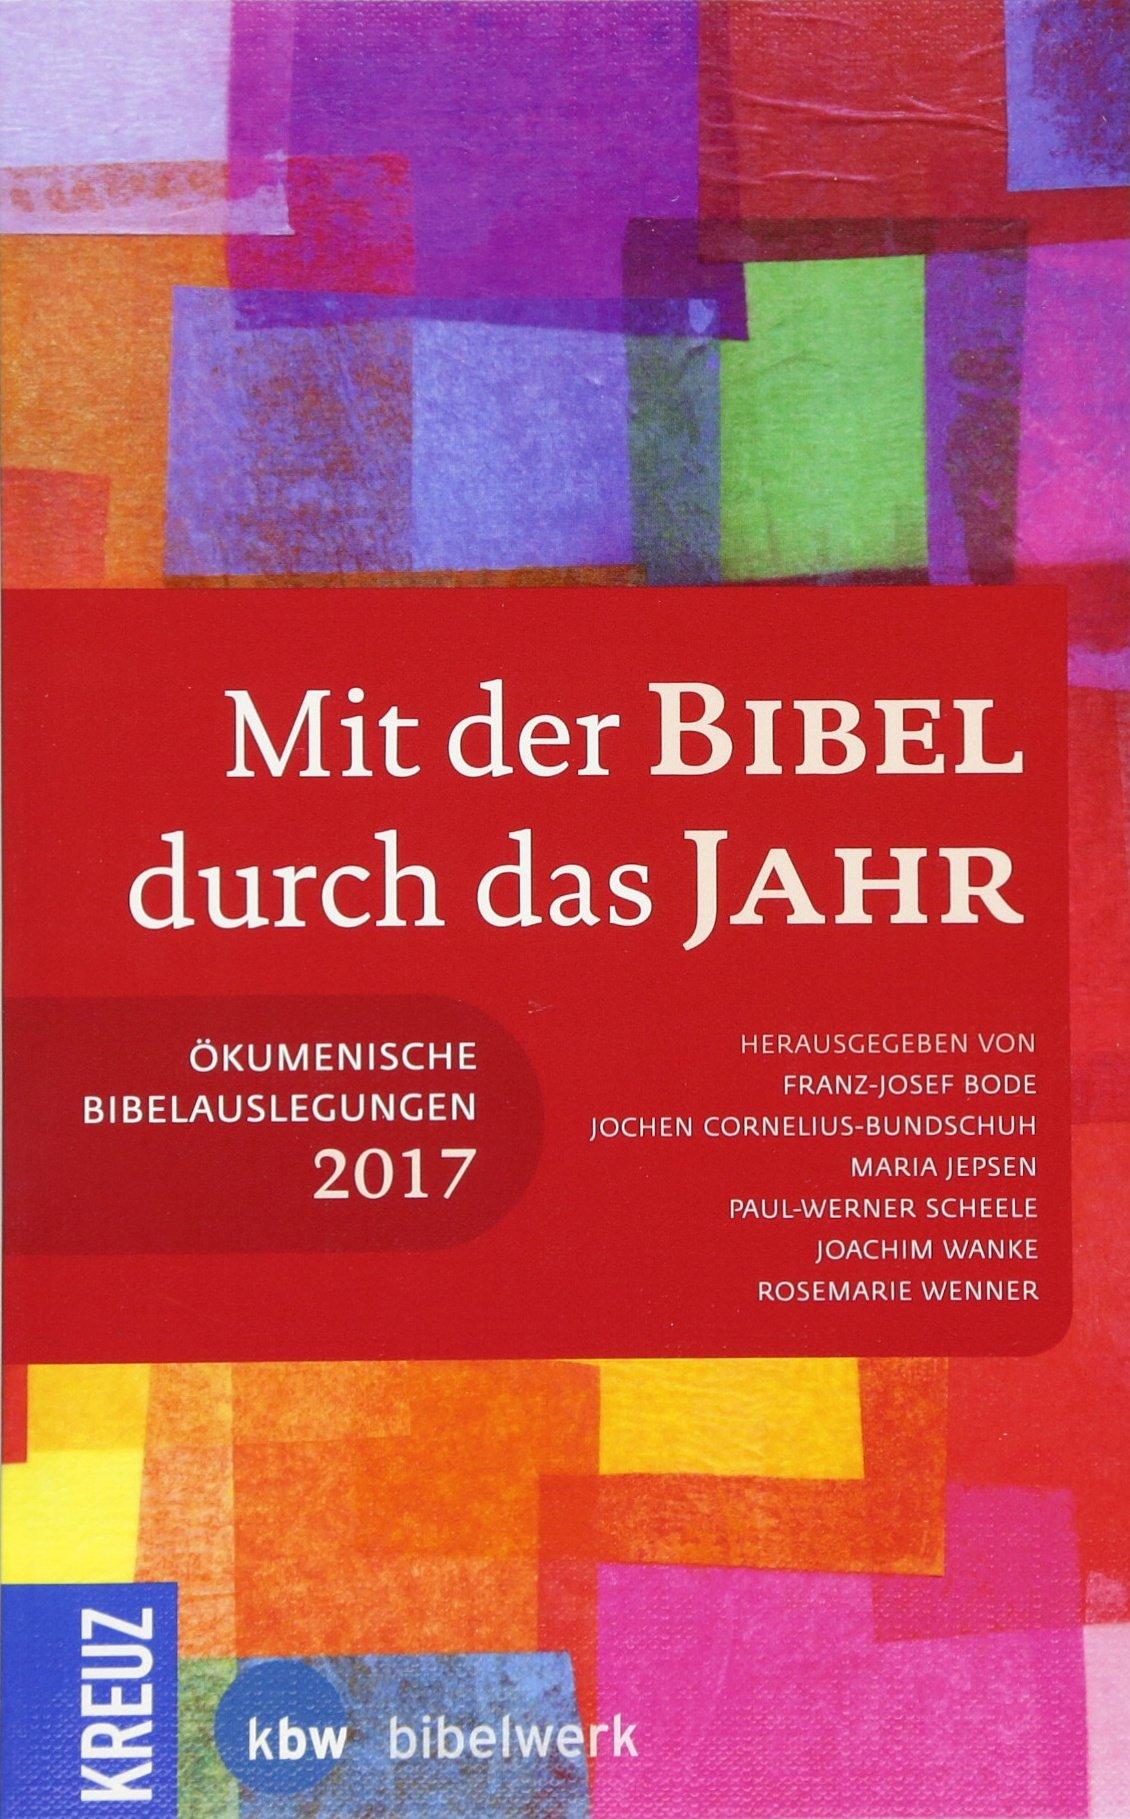 Mit der Bibel durch das Jahr 2017: Ökumenische Bibelauslegungen